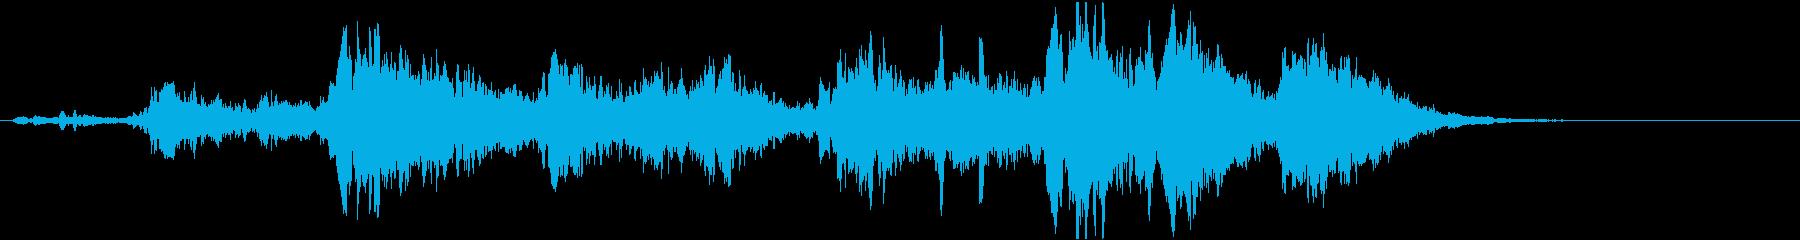 キィ~!(ヴァイオリンが唸る怖い音)の再生済みの波形